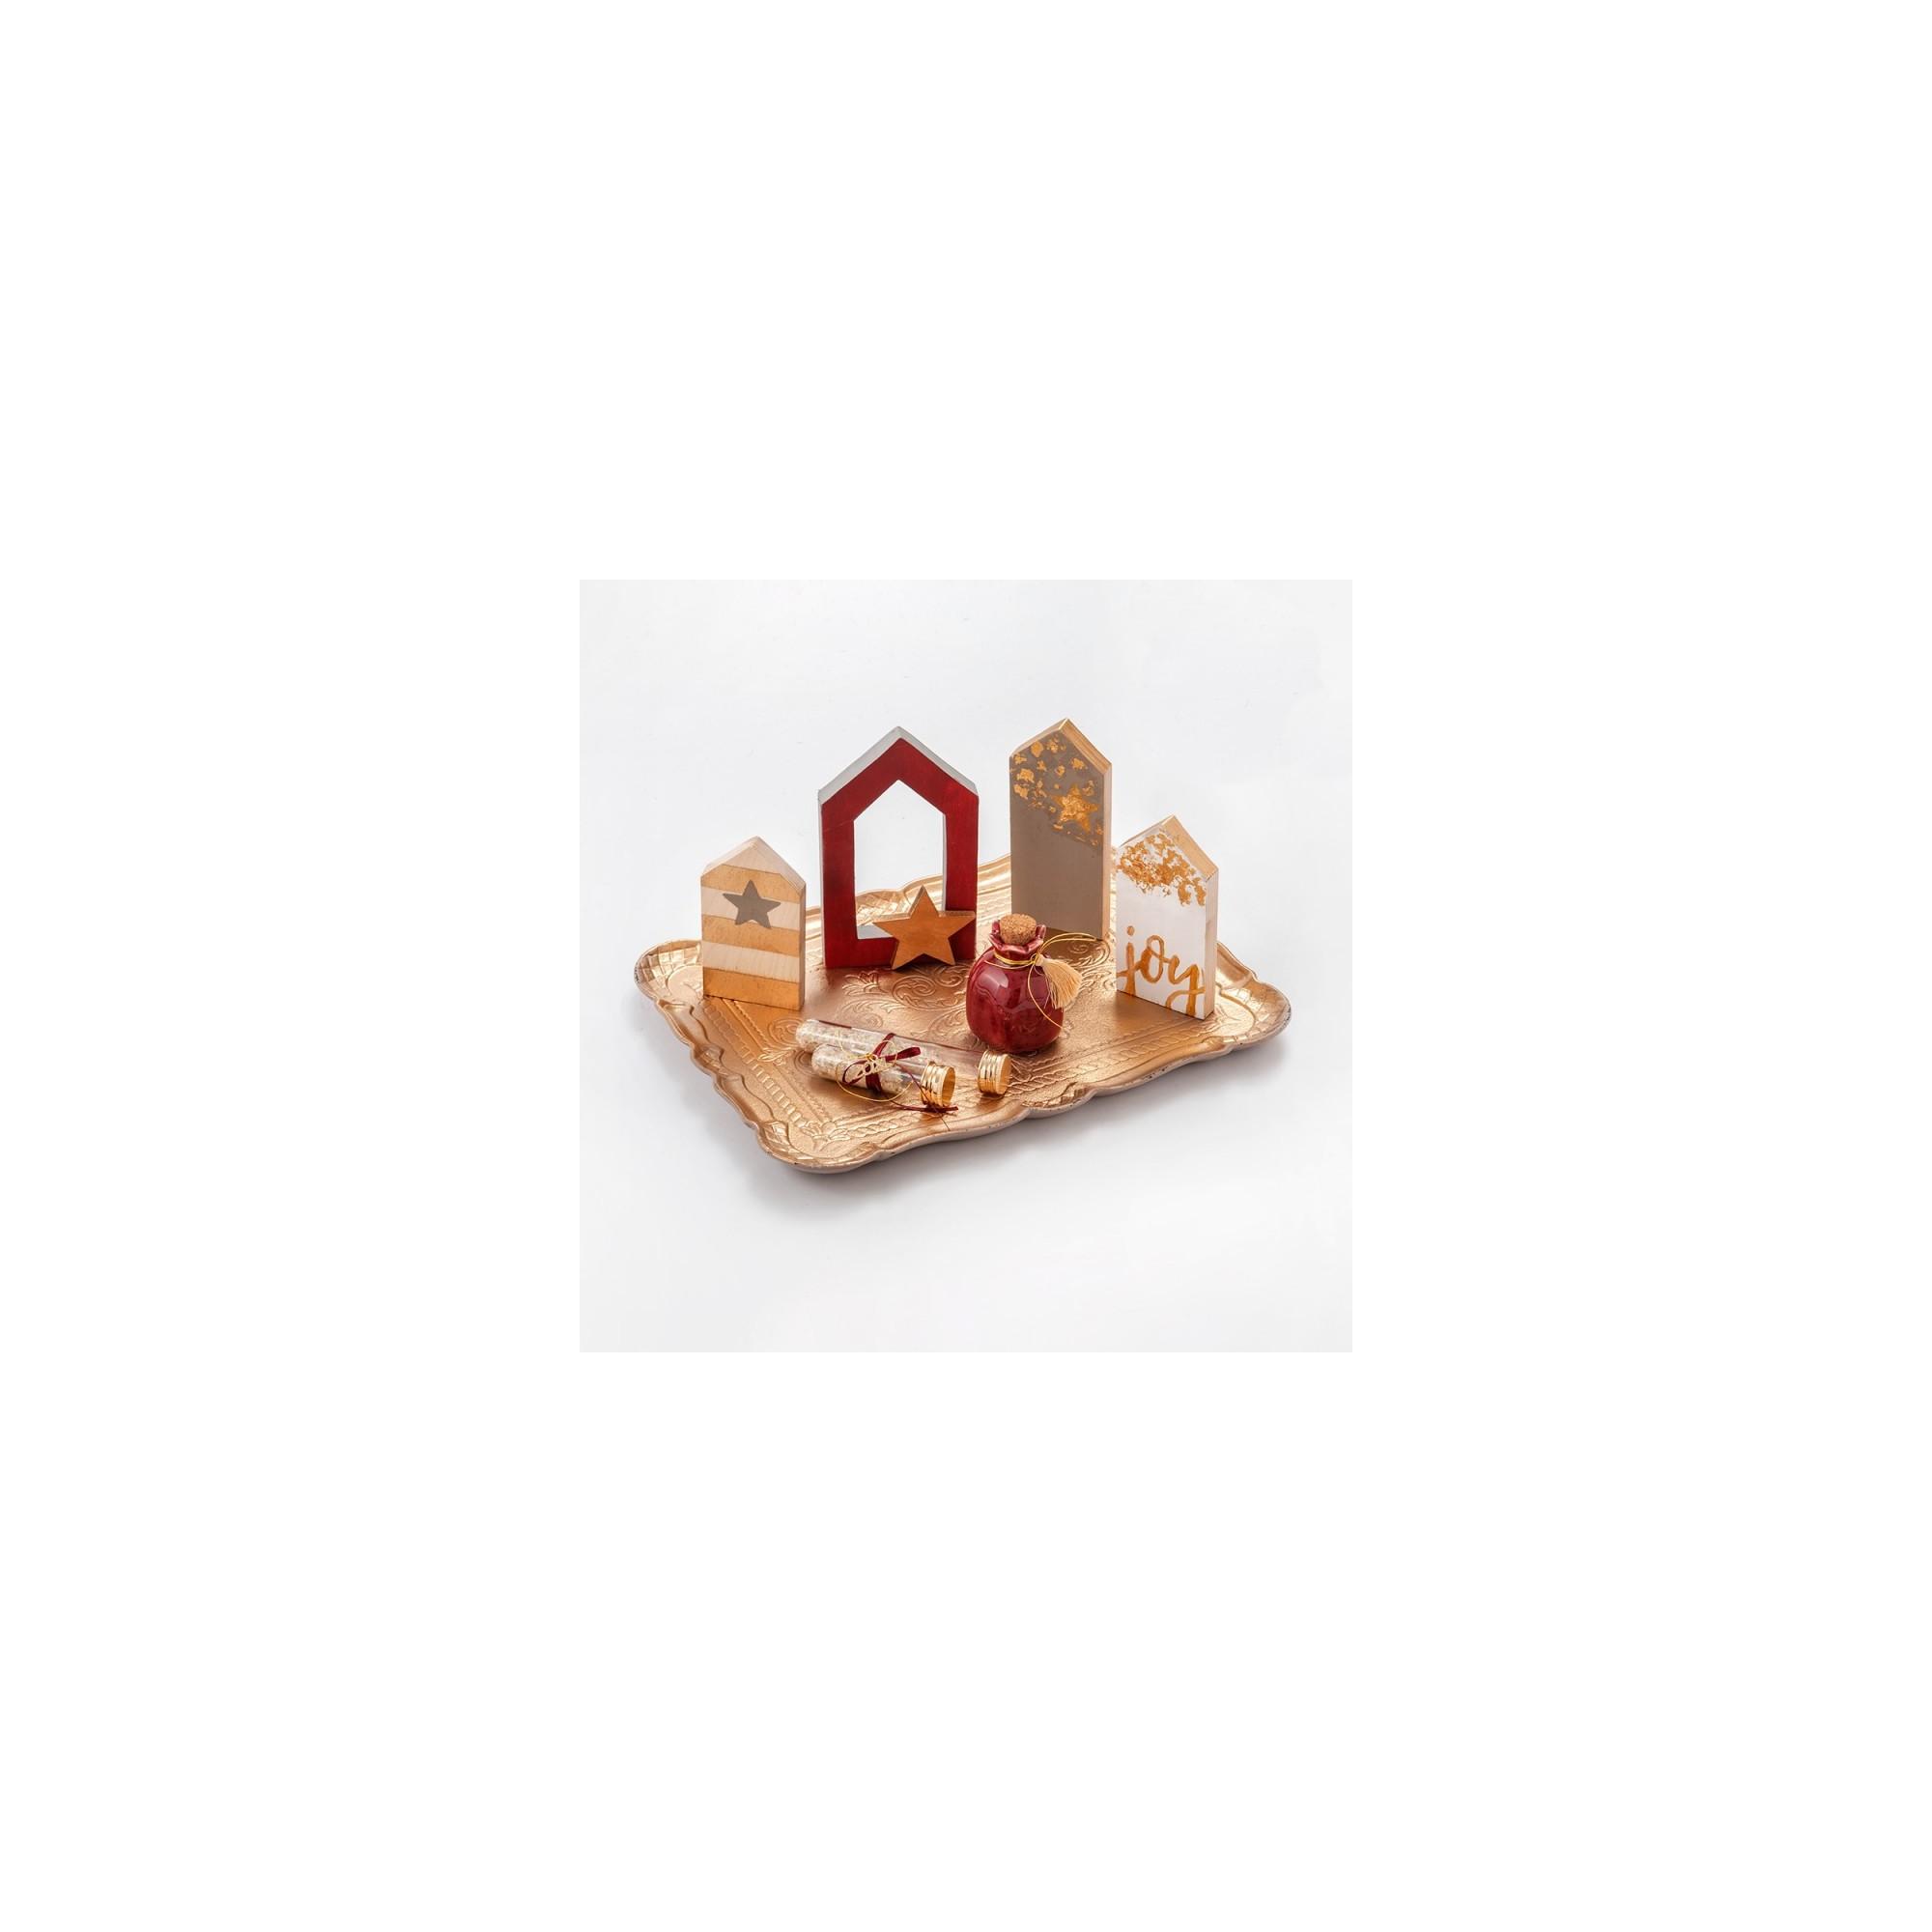 Χριστουγεννιάτικη σύνθεση τραπεζιού - PAR-19220